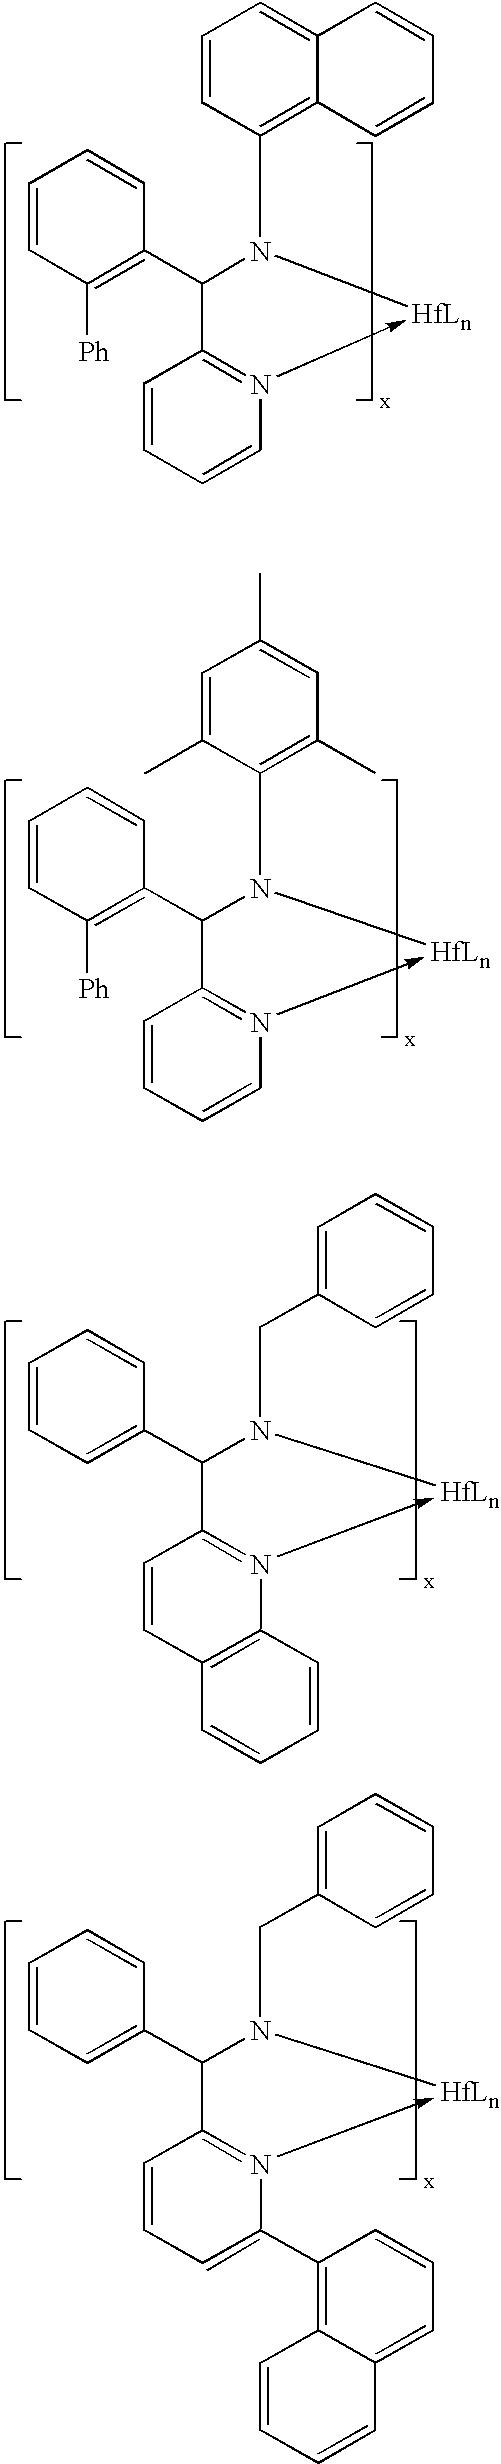 Figure US07250470-20070731-C00015